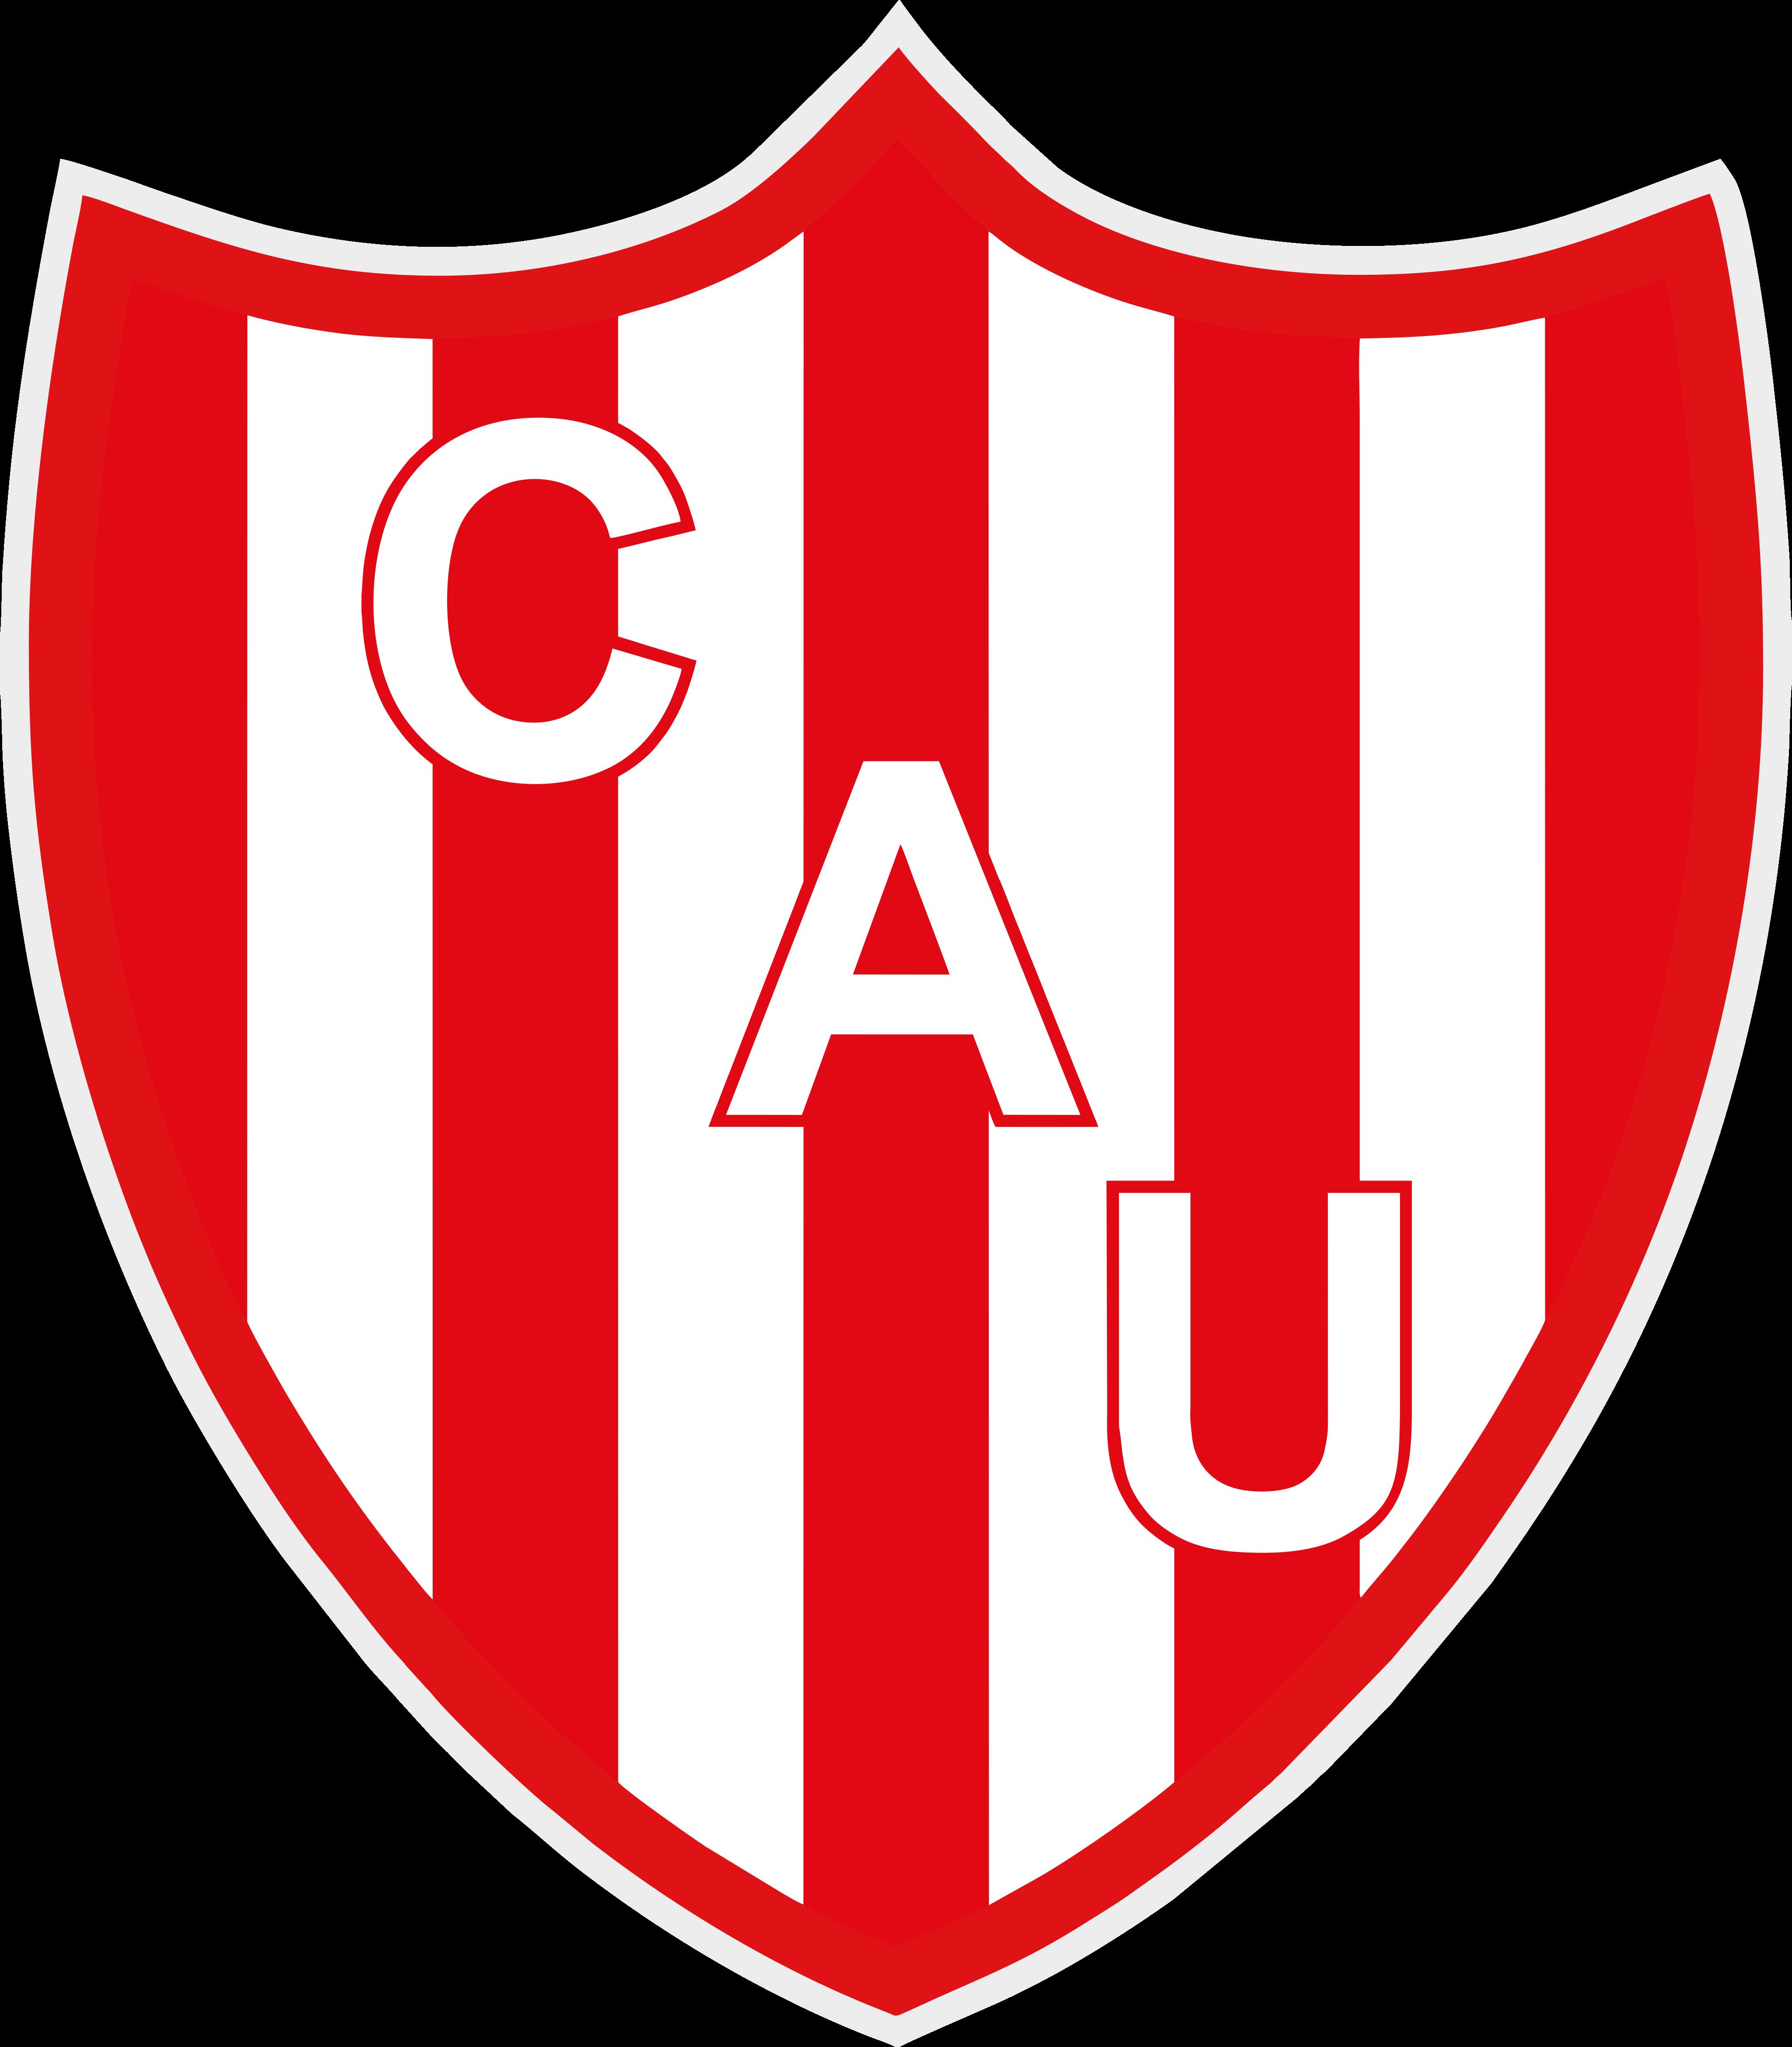 Club Atlético Unión Logo.